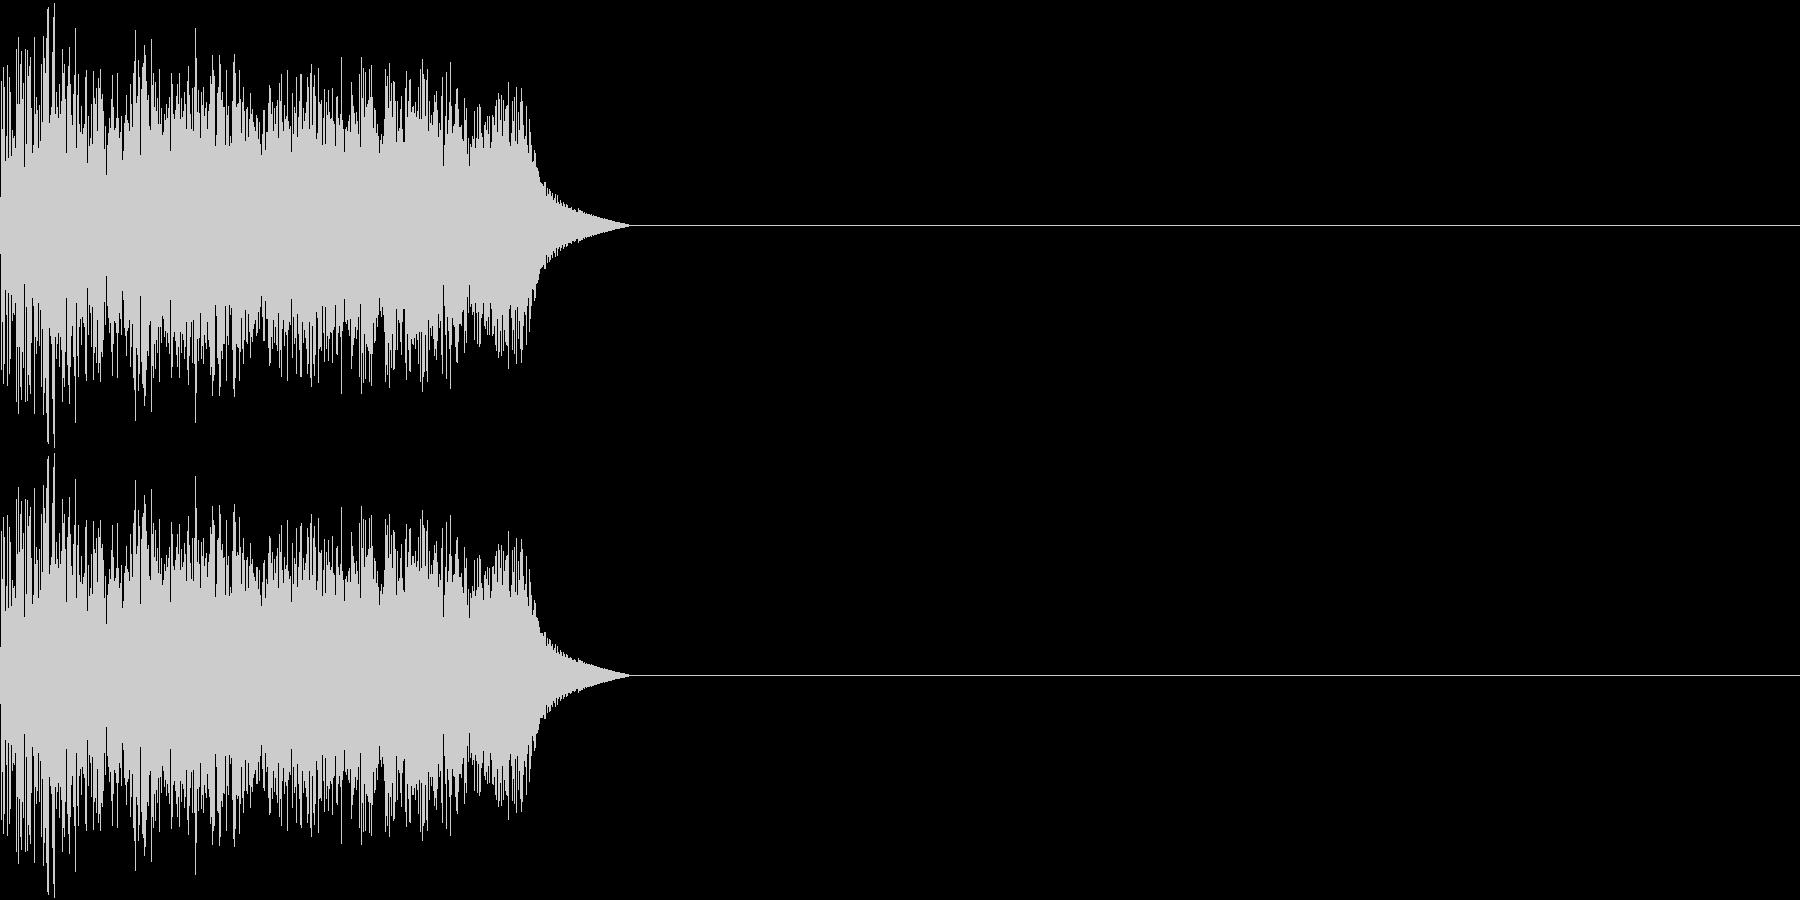 8ビット ファミコン アップ ゲージ3の未再生の波形